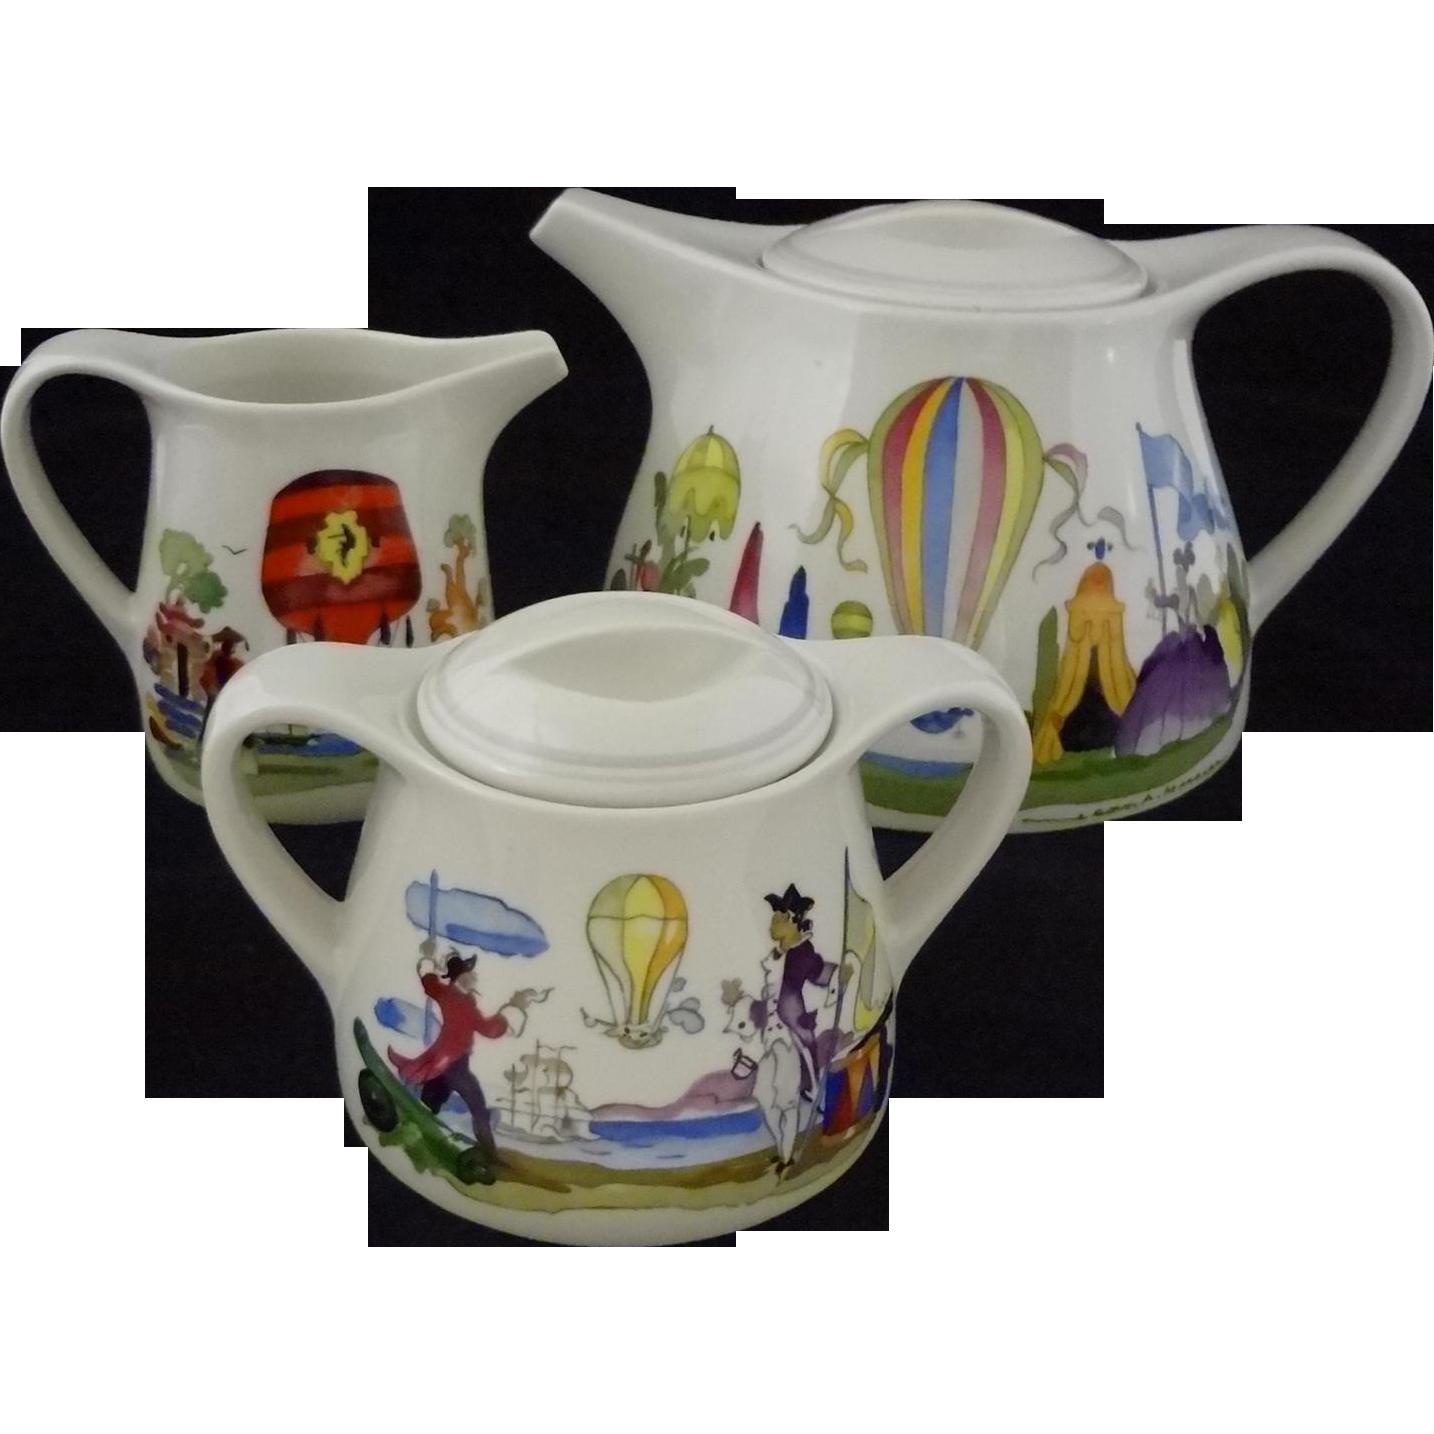 Villeroy & Boch Le Ballon Tea Pot, Cream, Sugar Bowl Set - 20th Century, Luxembourg